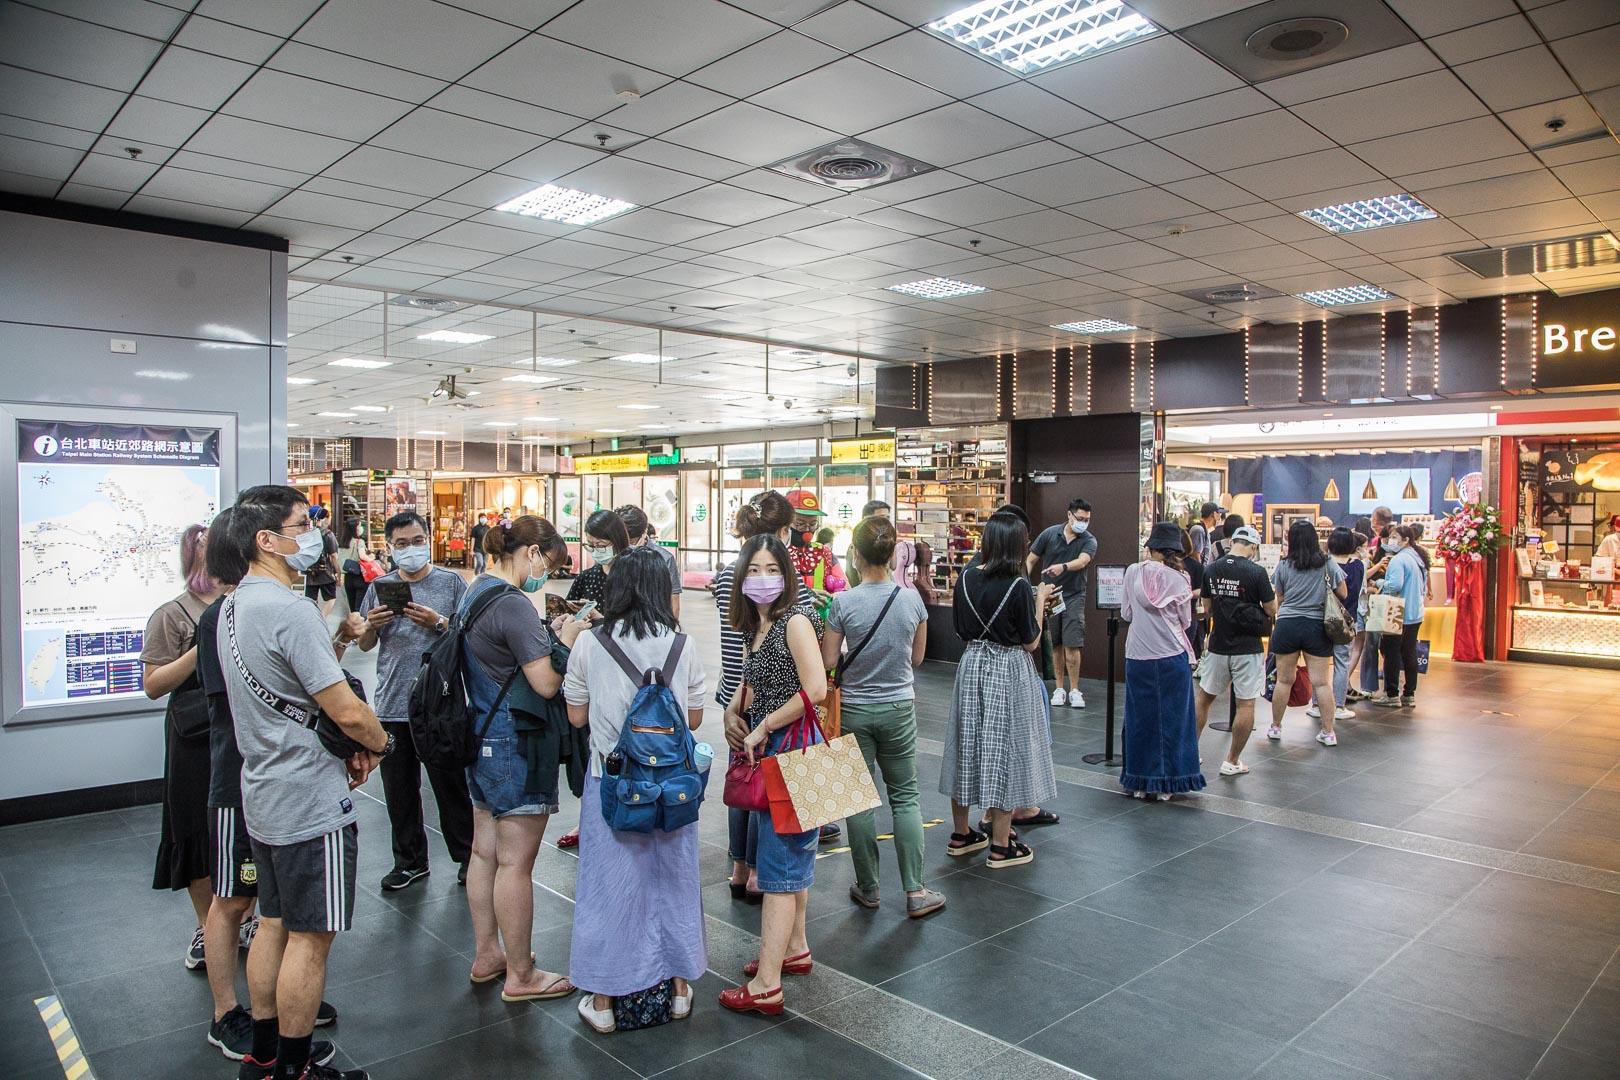 [台北美食]捲捲人生微風台北車站店/來台北車站就是要買肉桂捲呀,超過15種以上創意肉桂捲!